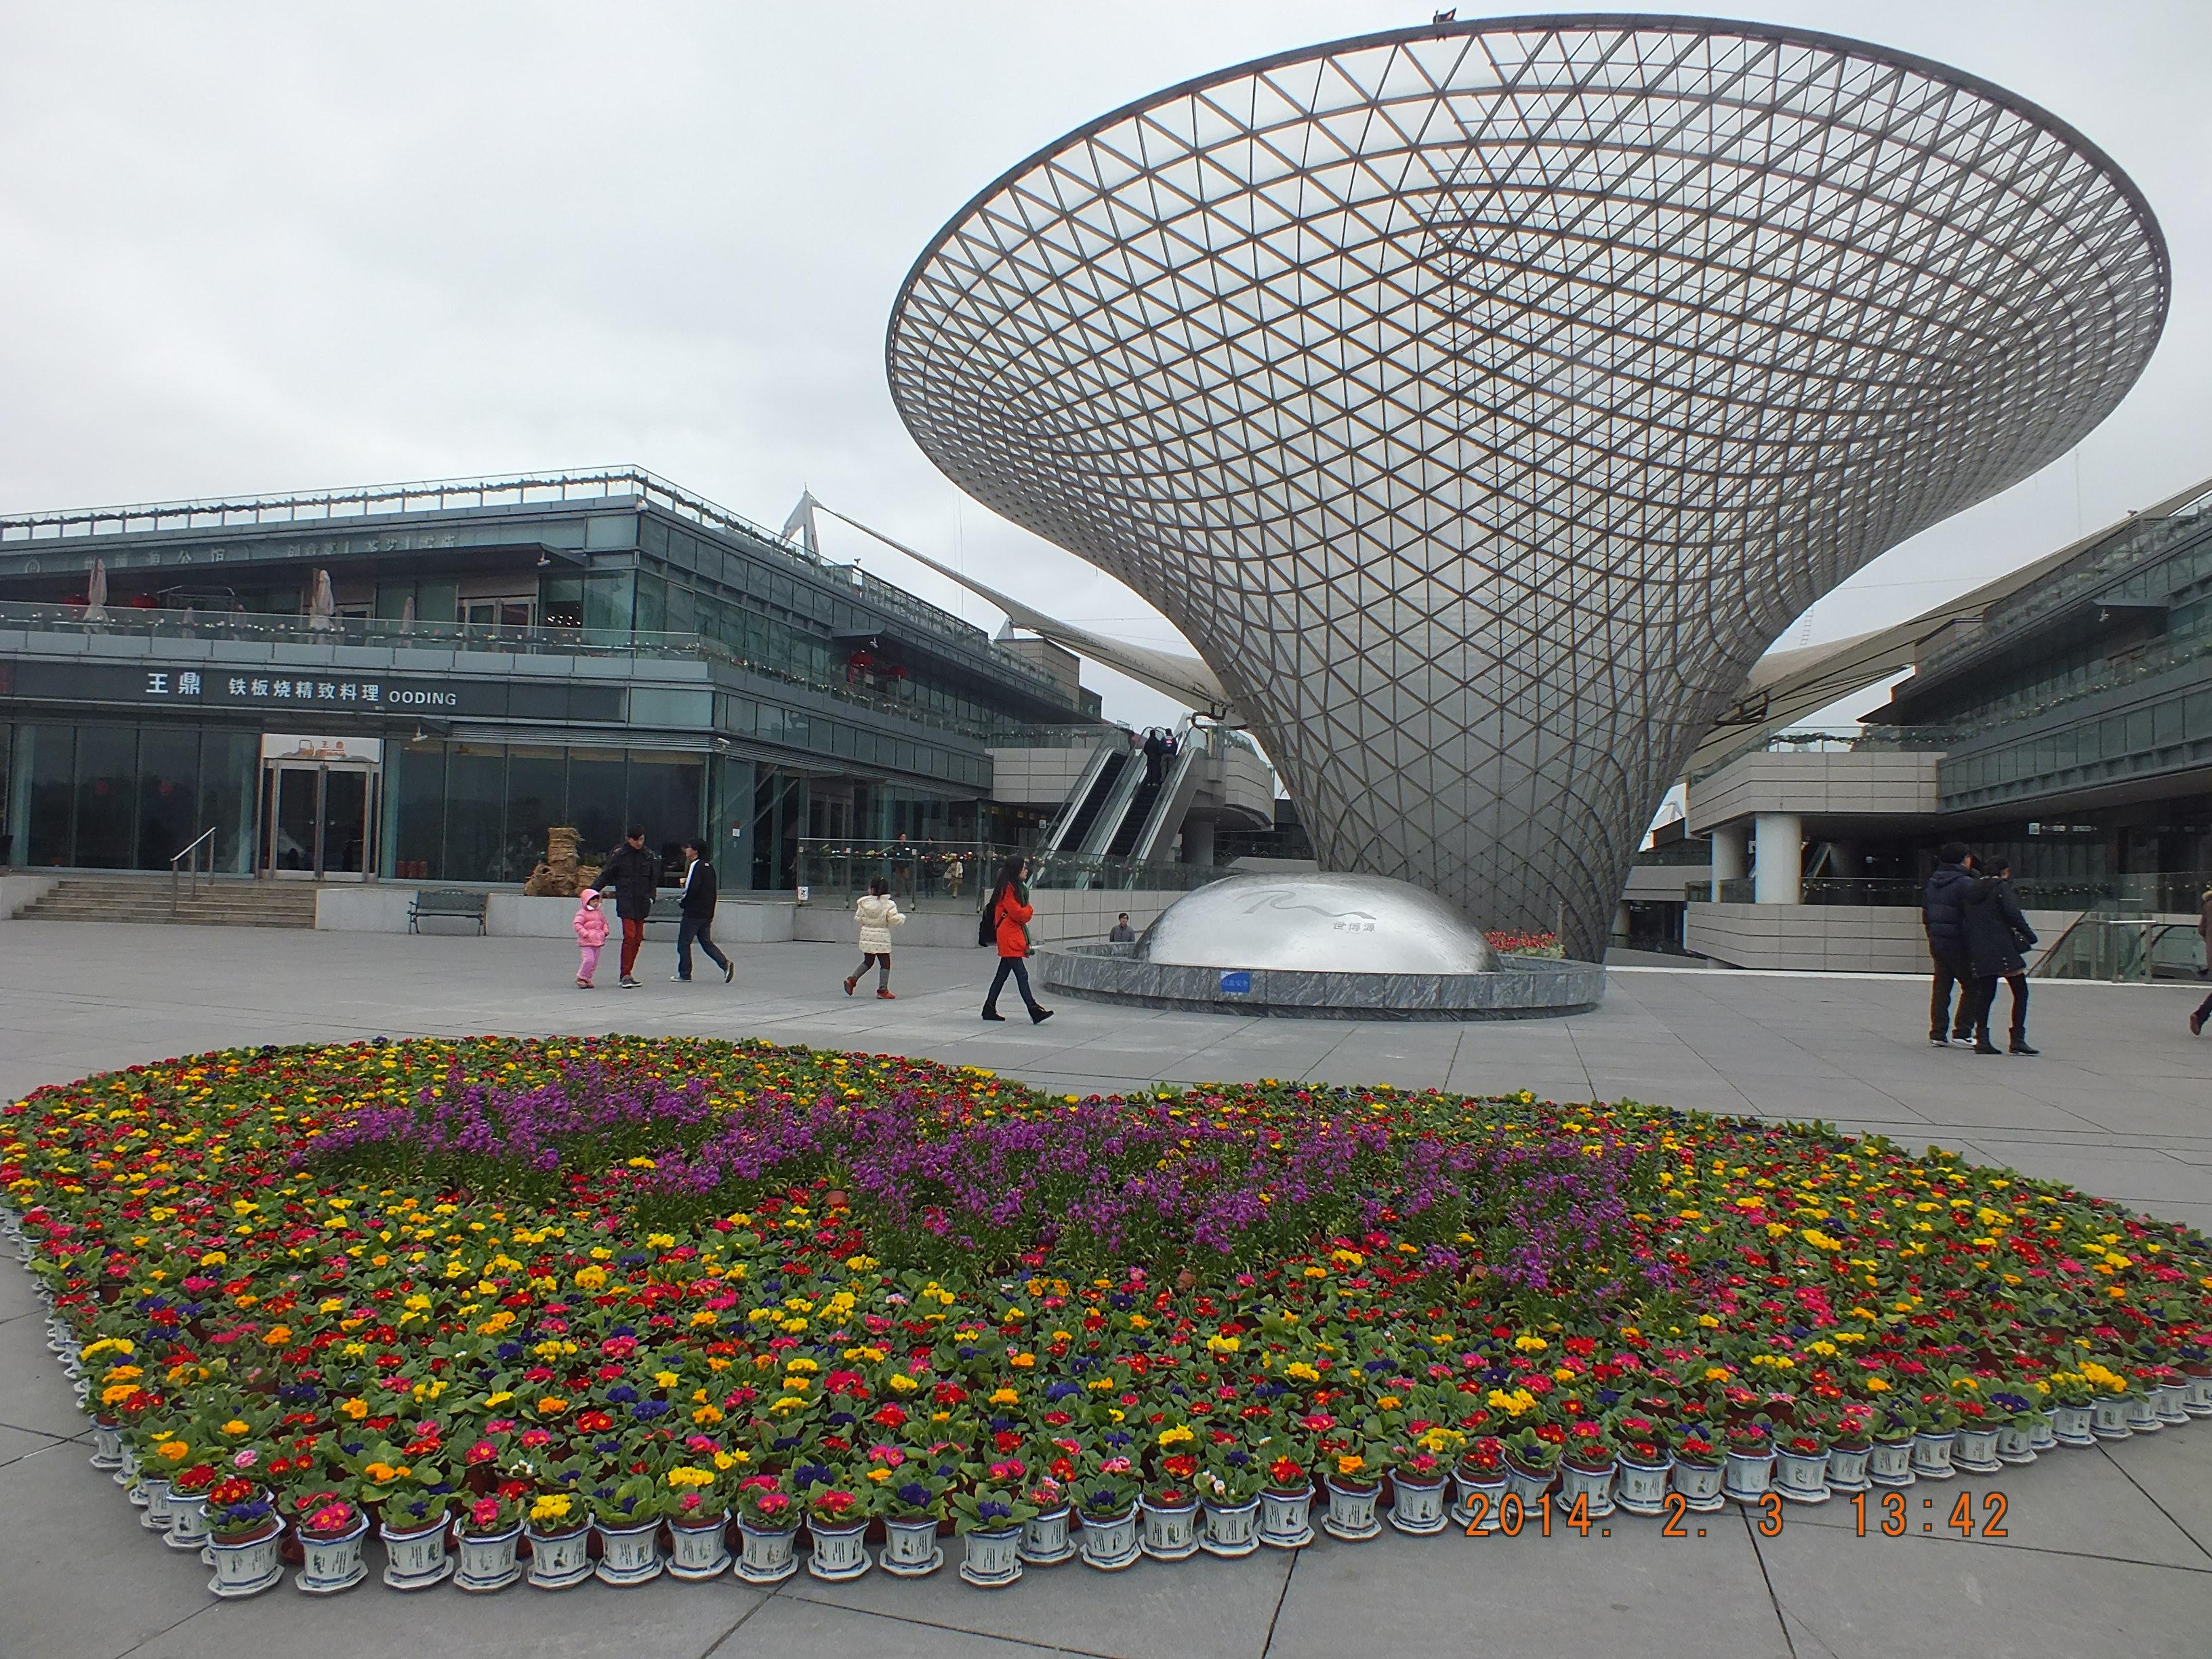 上海世博园攻略_【携程攻略】上海上海世博园景点,世博园内的【世博源】位于原